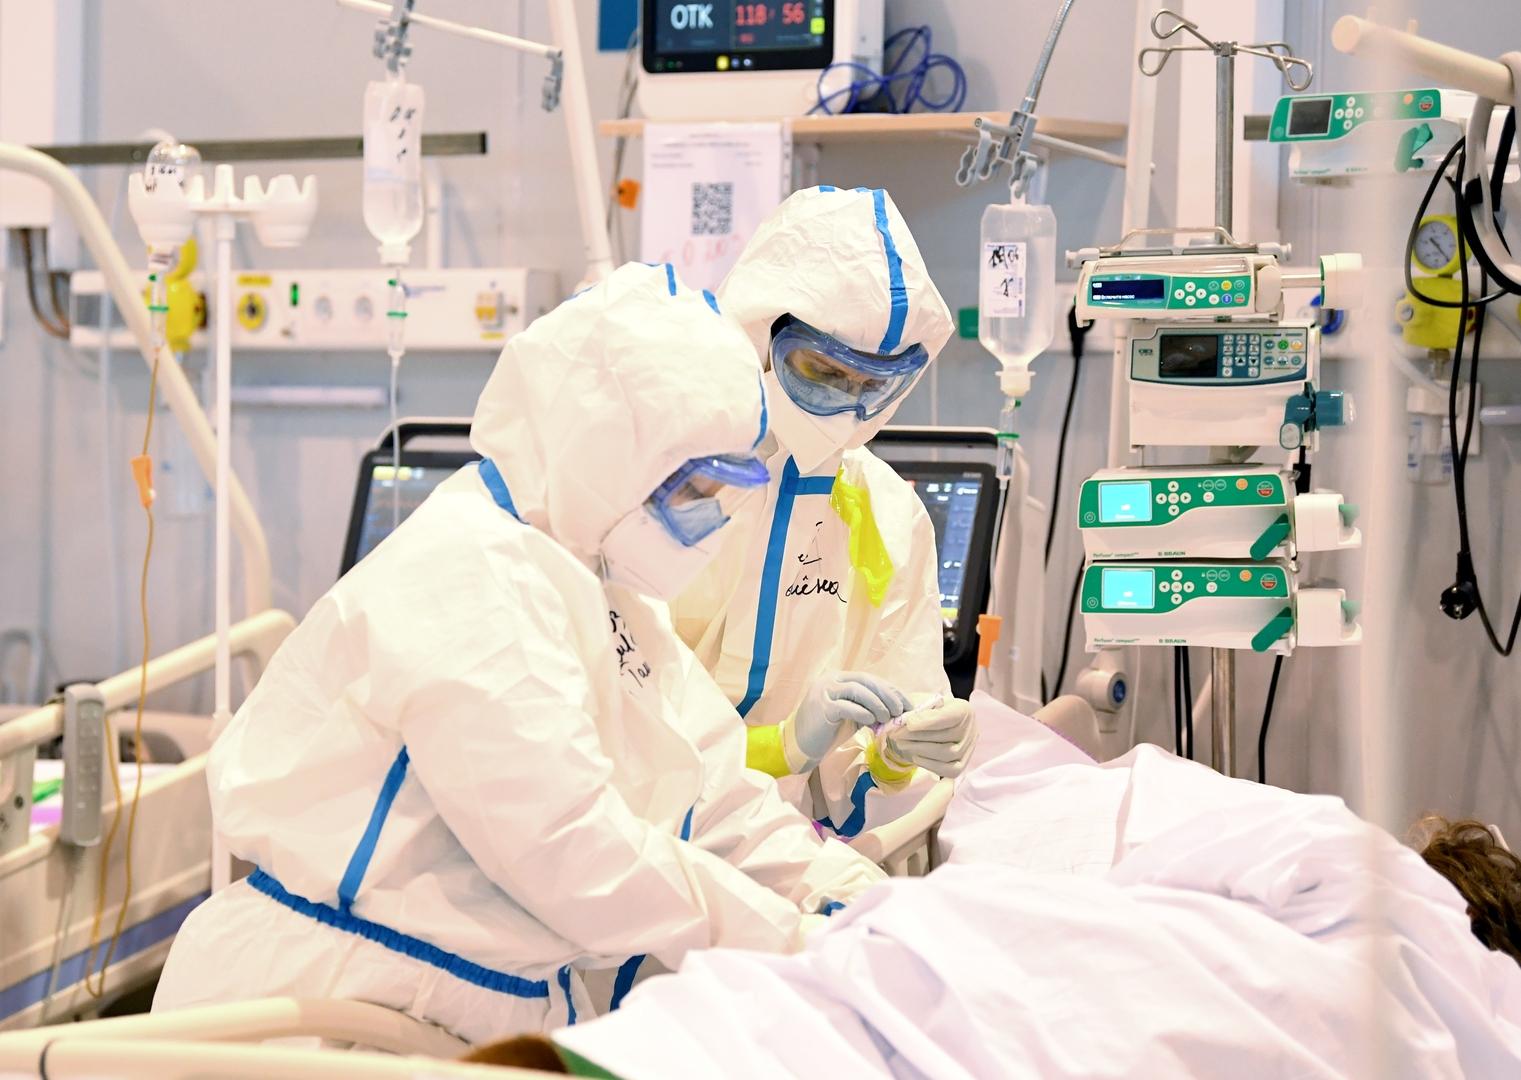 روسيا تسجل 23378 إصابة جديدة و737 وفاة بكورونا خلال الساعات الـ24 الأخيرة